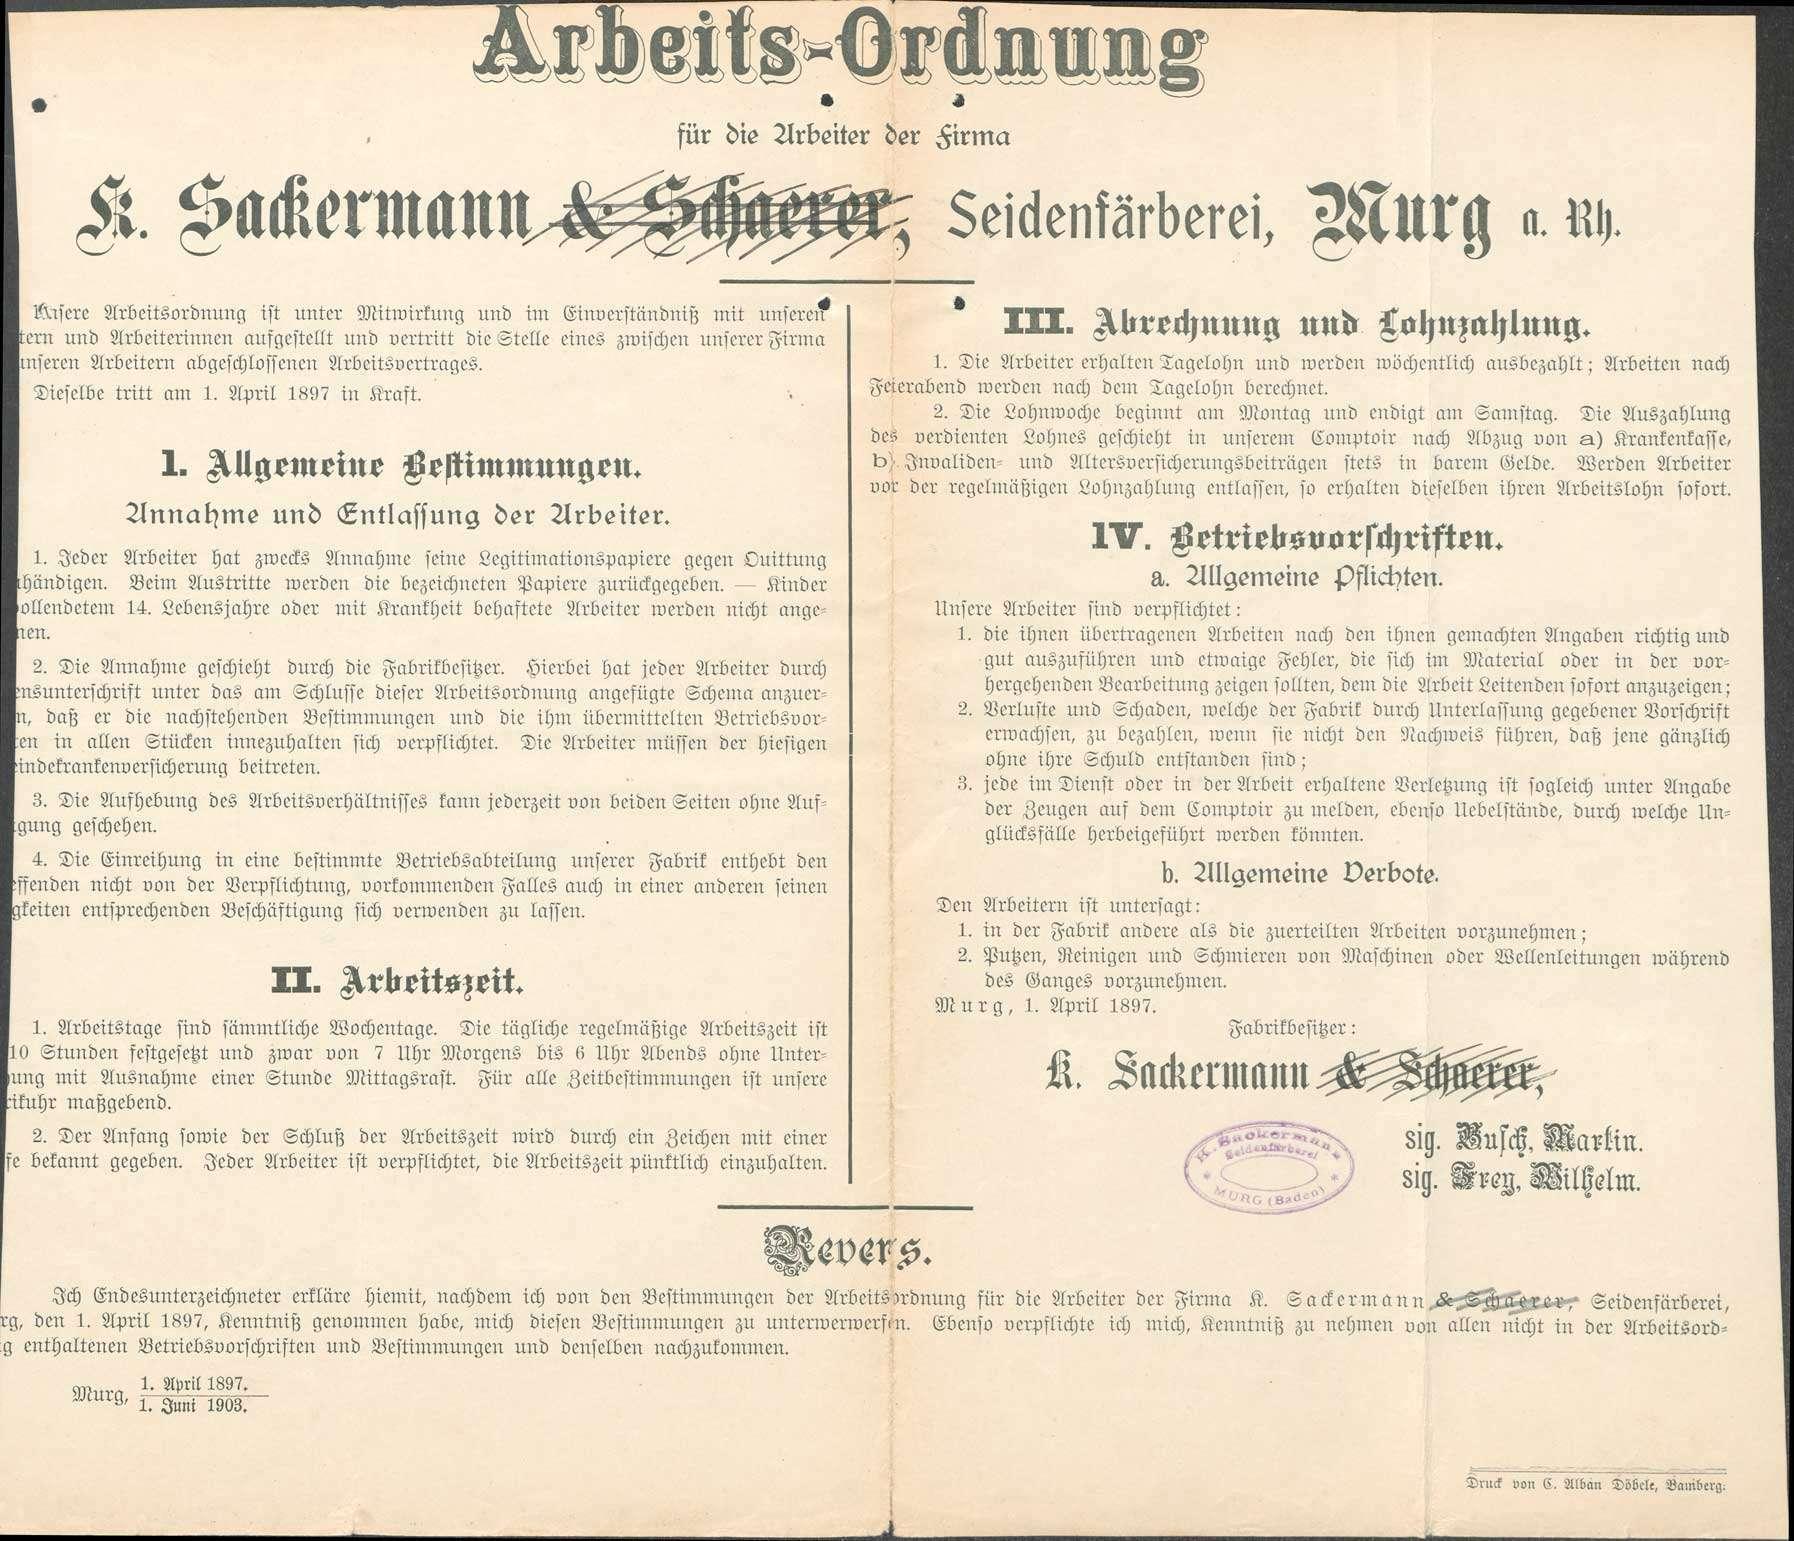 Erlassung einer Arbeitsordnung für die Firma Sackermann und Willy in Murg, Bild 1